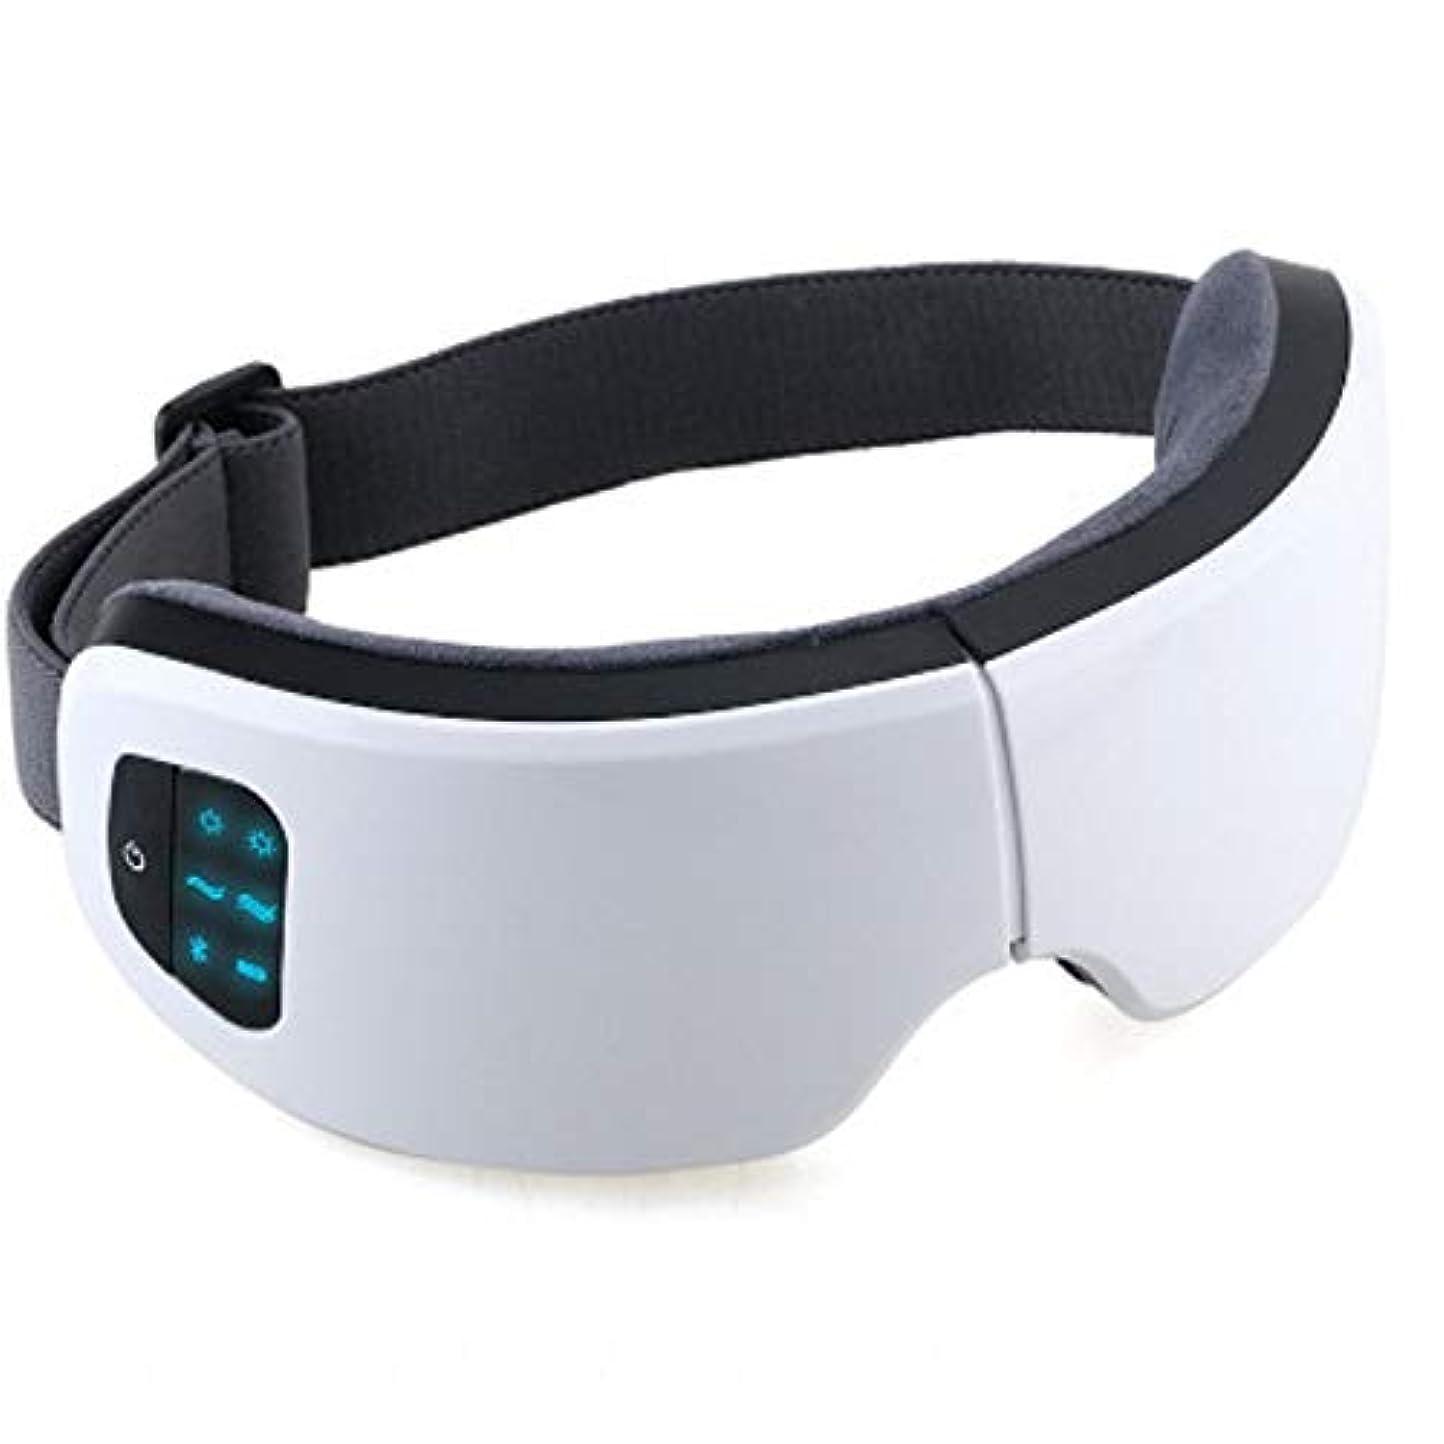 ボウリングそこ関与するRuzzy 高度の目のマッサージャー、暖房モードの無線再充電可能な折る目のマッサージャー 購入へようこそ